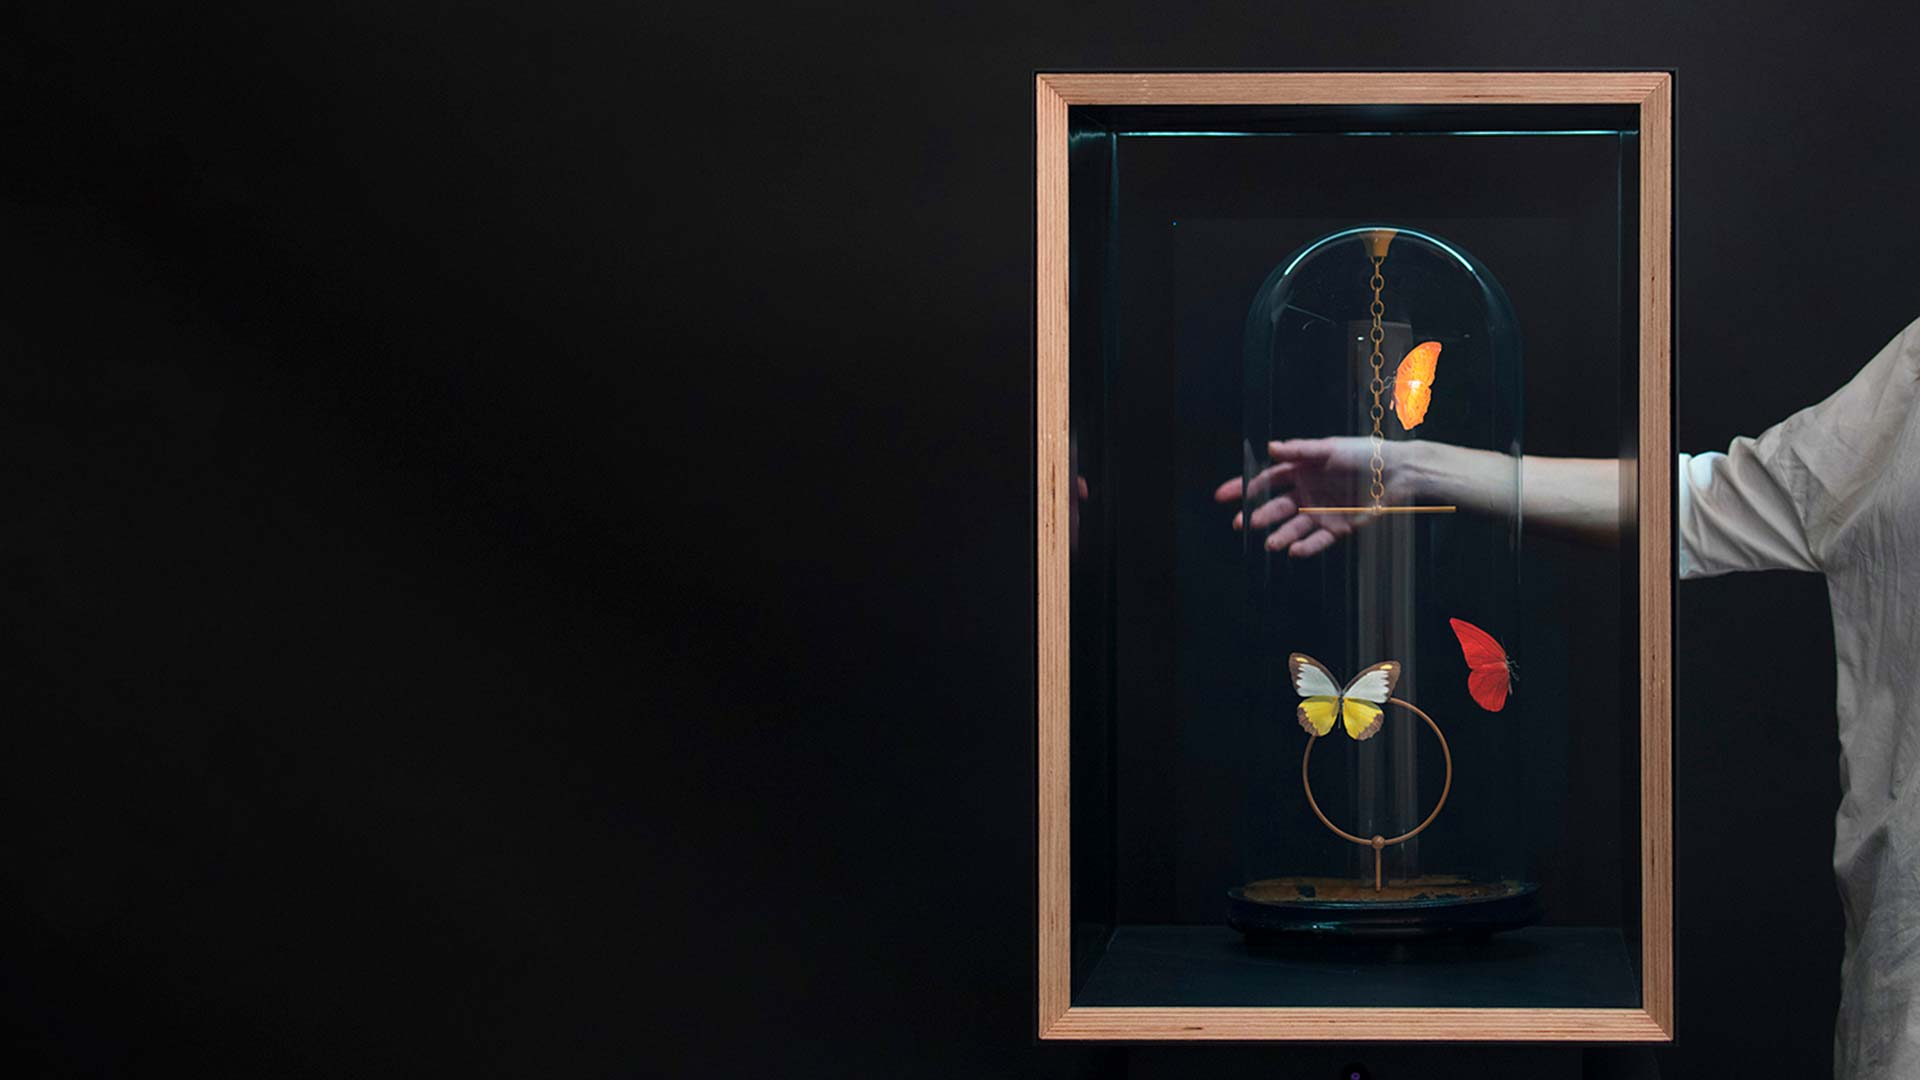 Flutter Hologram: Pendulum